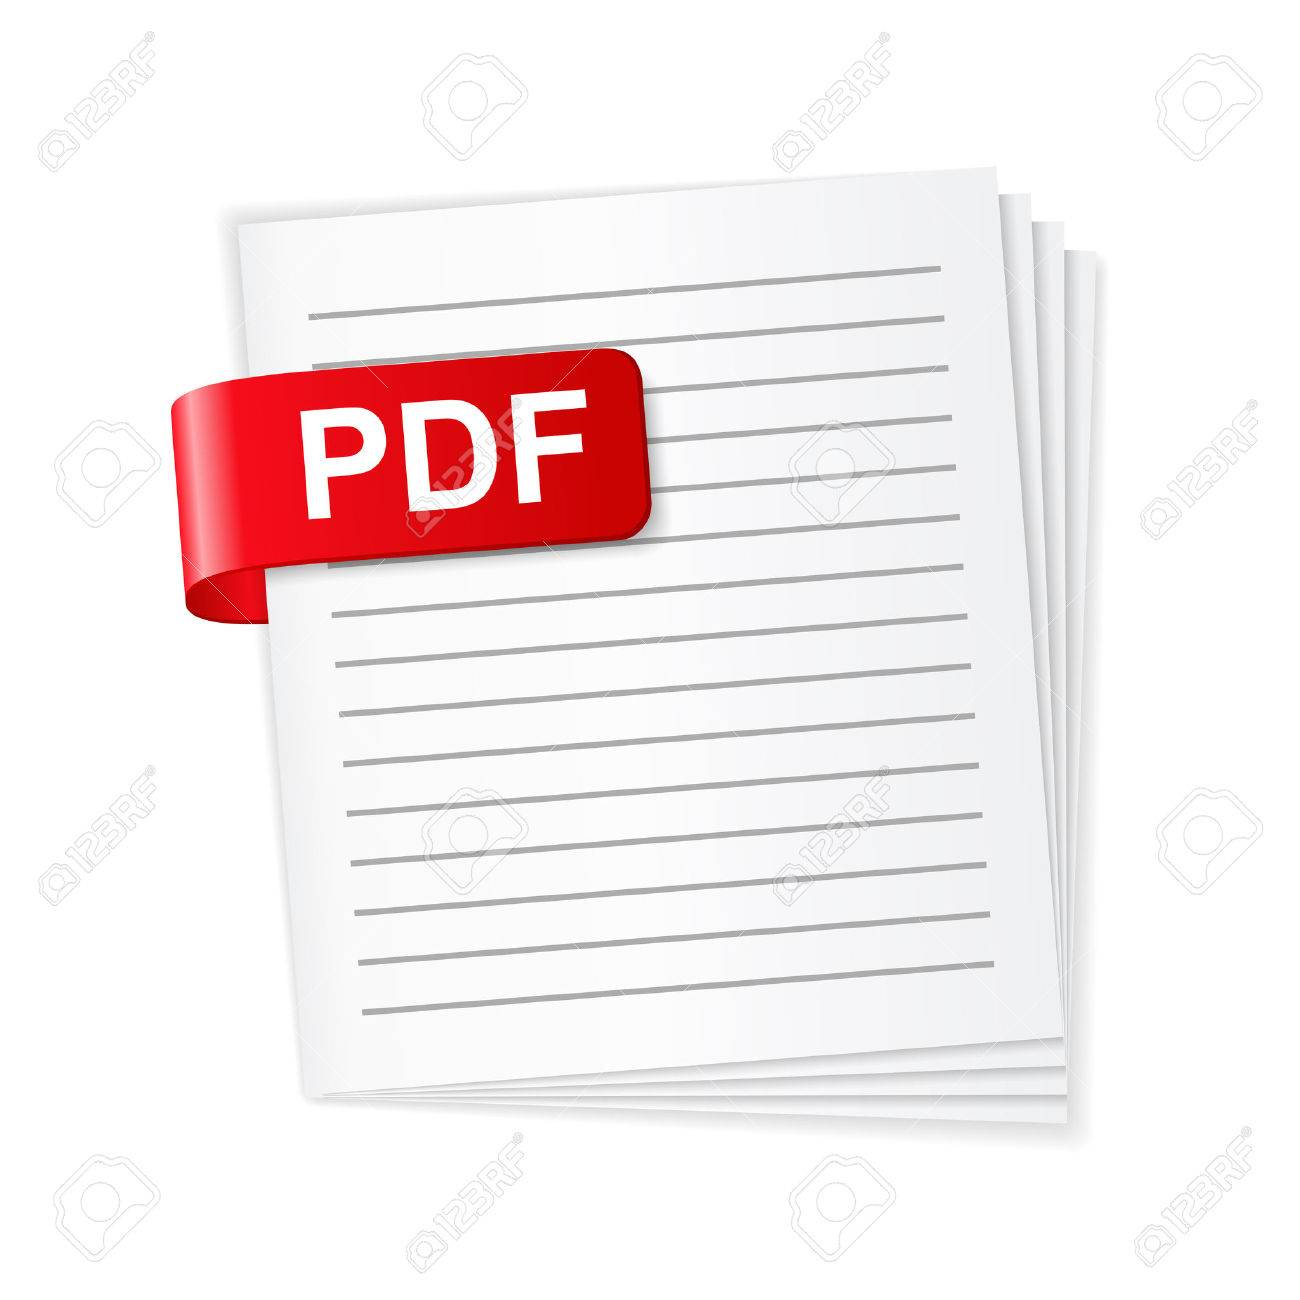 pdf ファイルのアイコン ロイヤリティフリークリップアート、ベクター